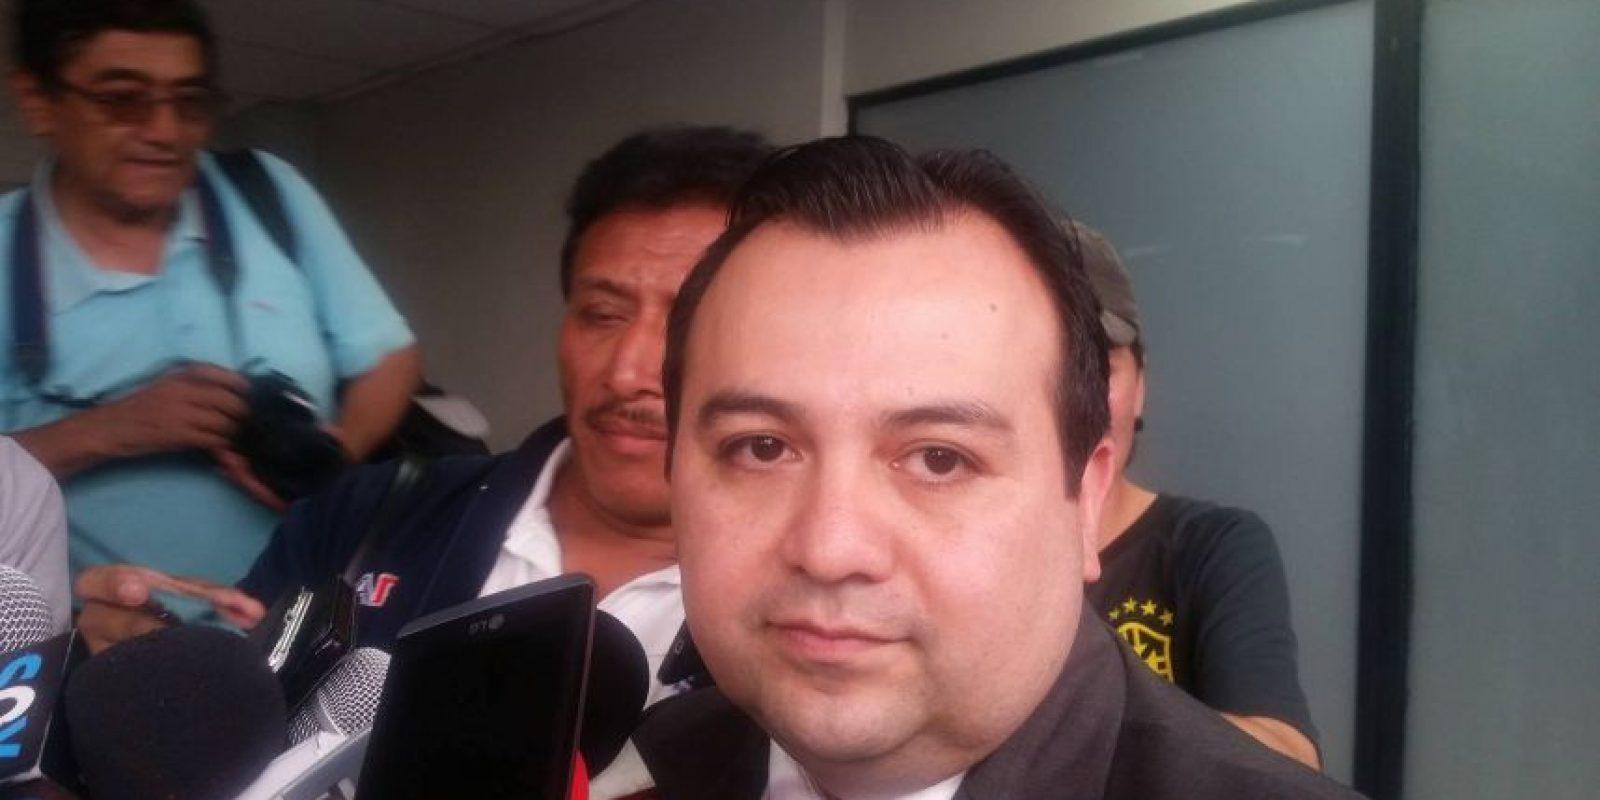 Uno de los integrantes del Comité de Normalización, Estuardo Ralón. Foto:Publinews